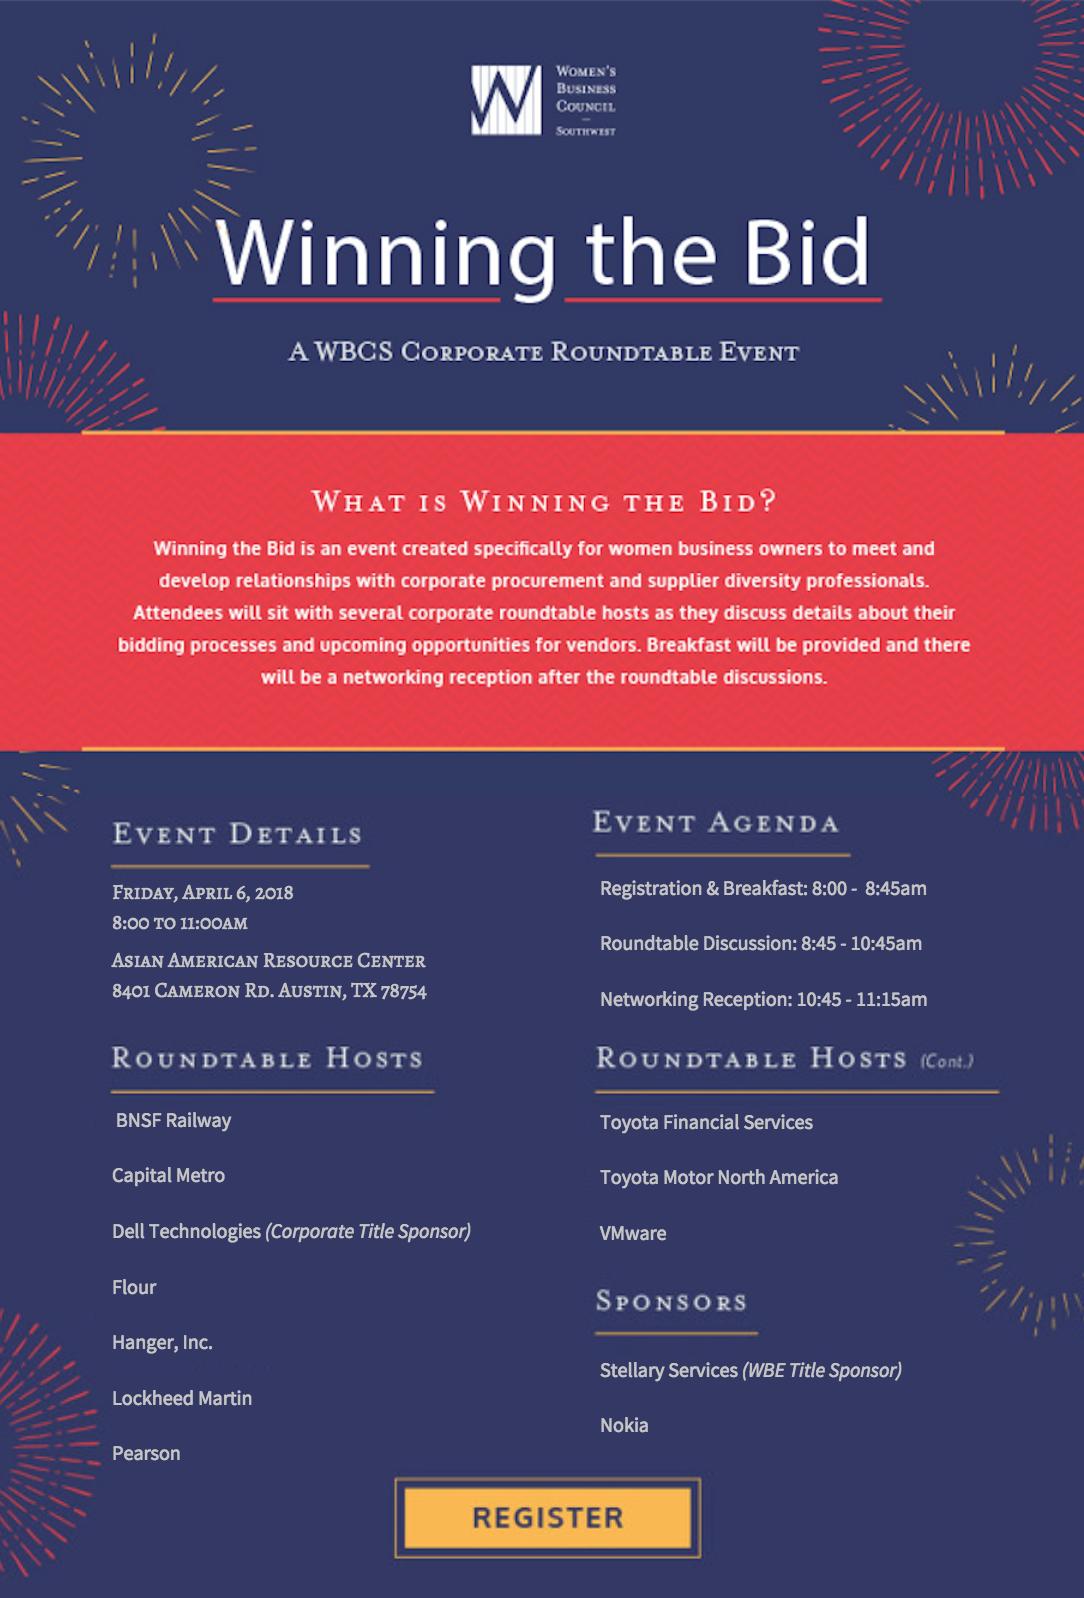 Winng the Bid Evite #2